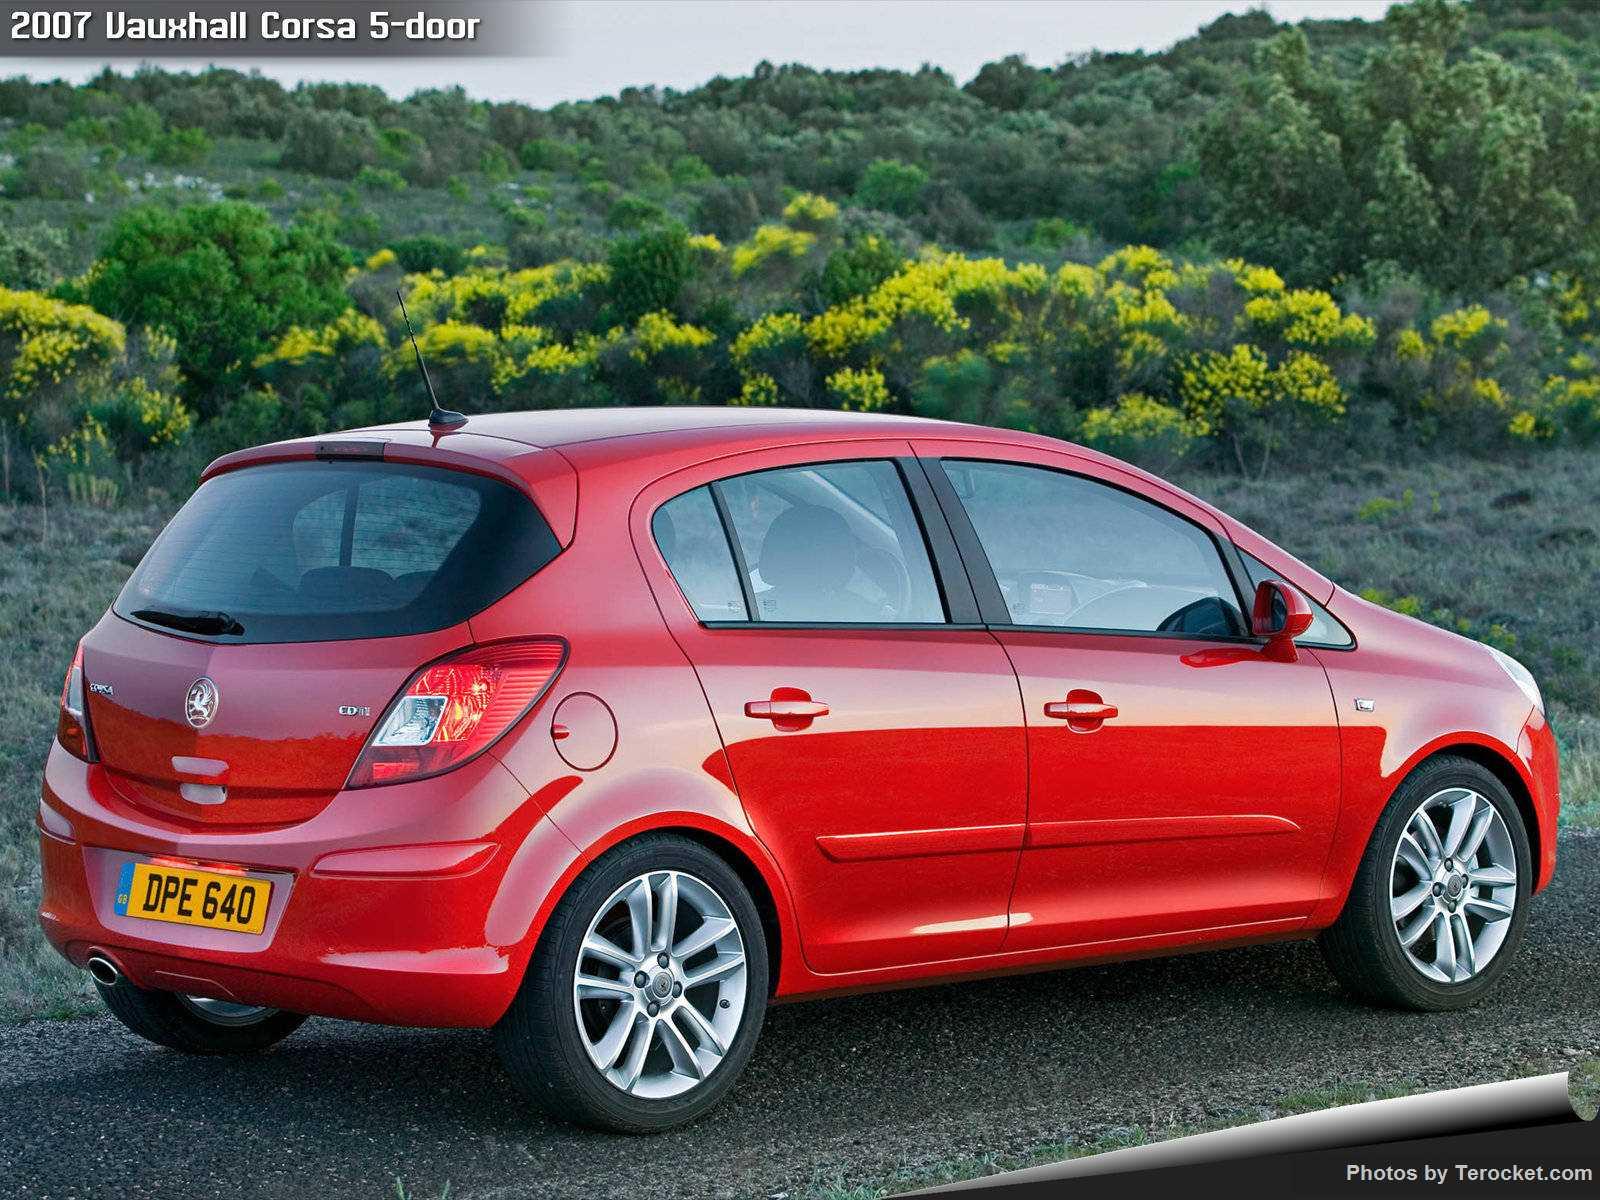 Hình ảnh xe ô tô Vauxhall Corsa 5-door 2007 & nội ngoại thất